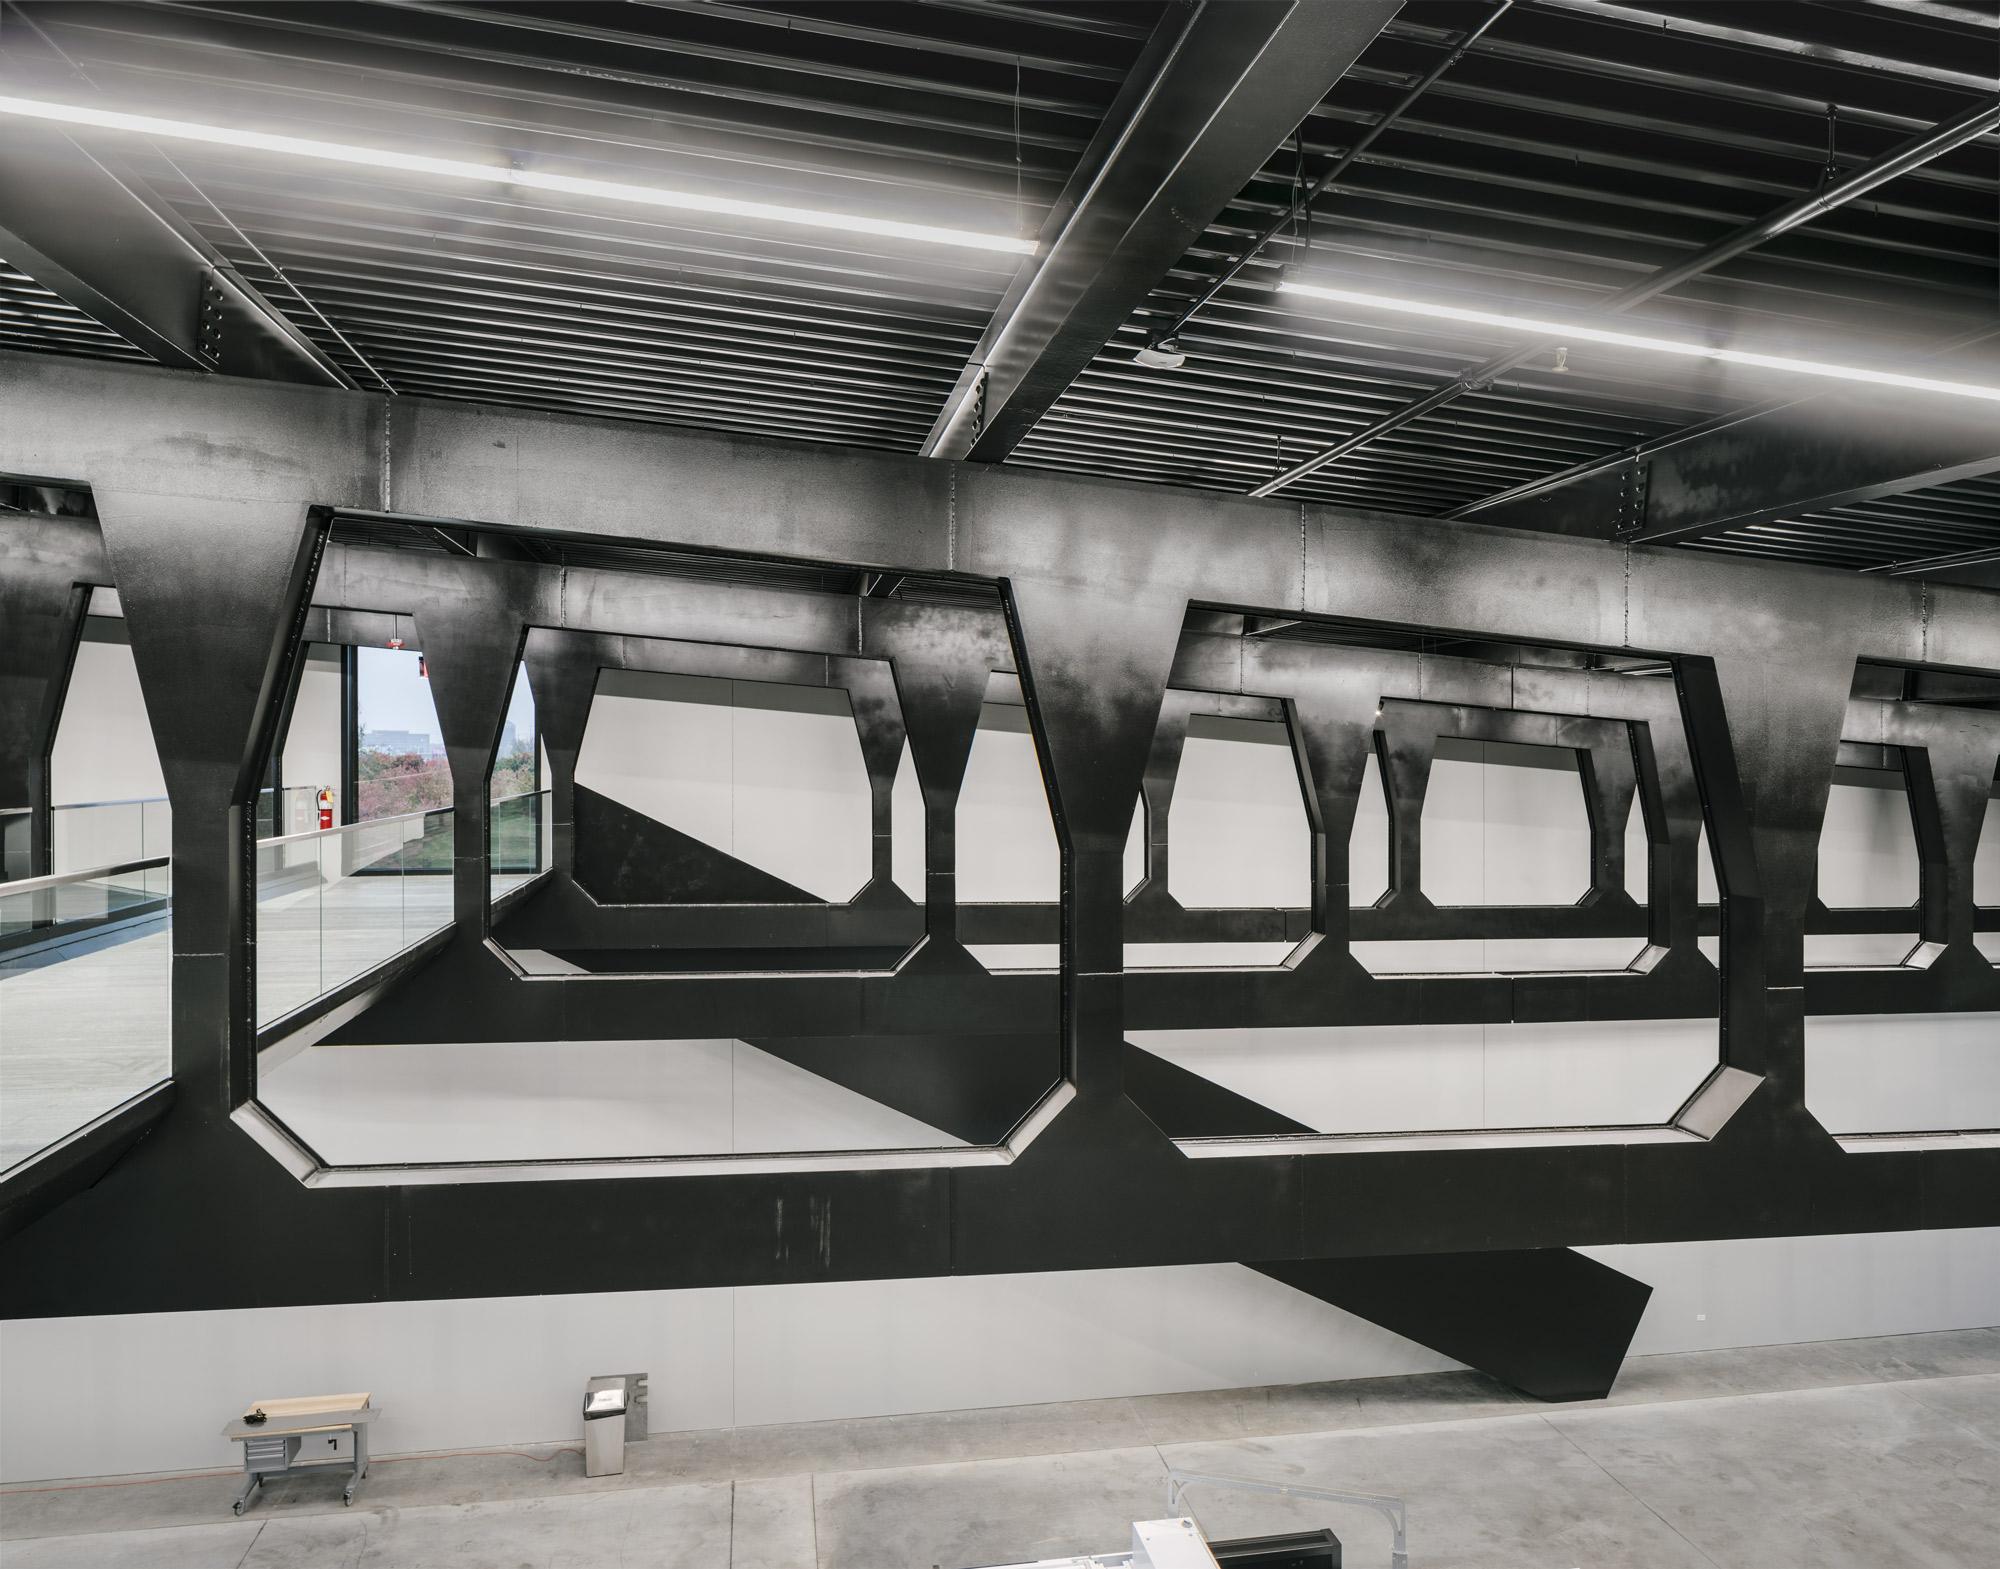 Trumpf Smart Factory Chicago © Simon Menges